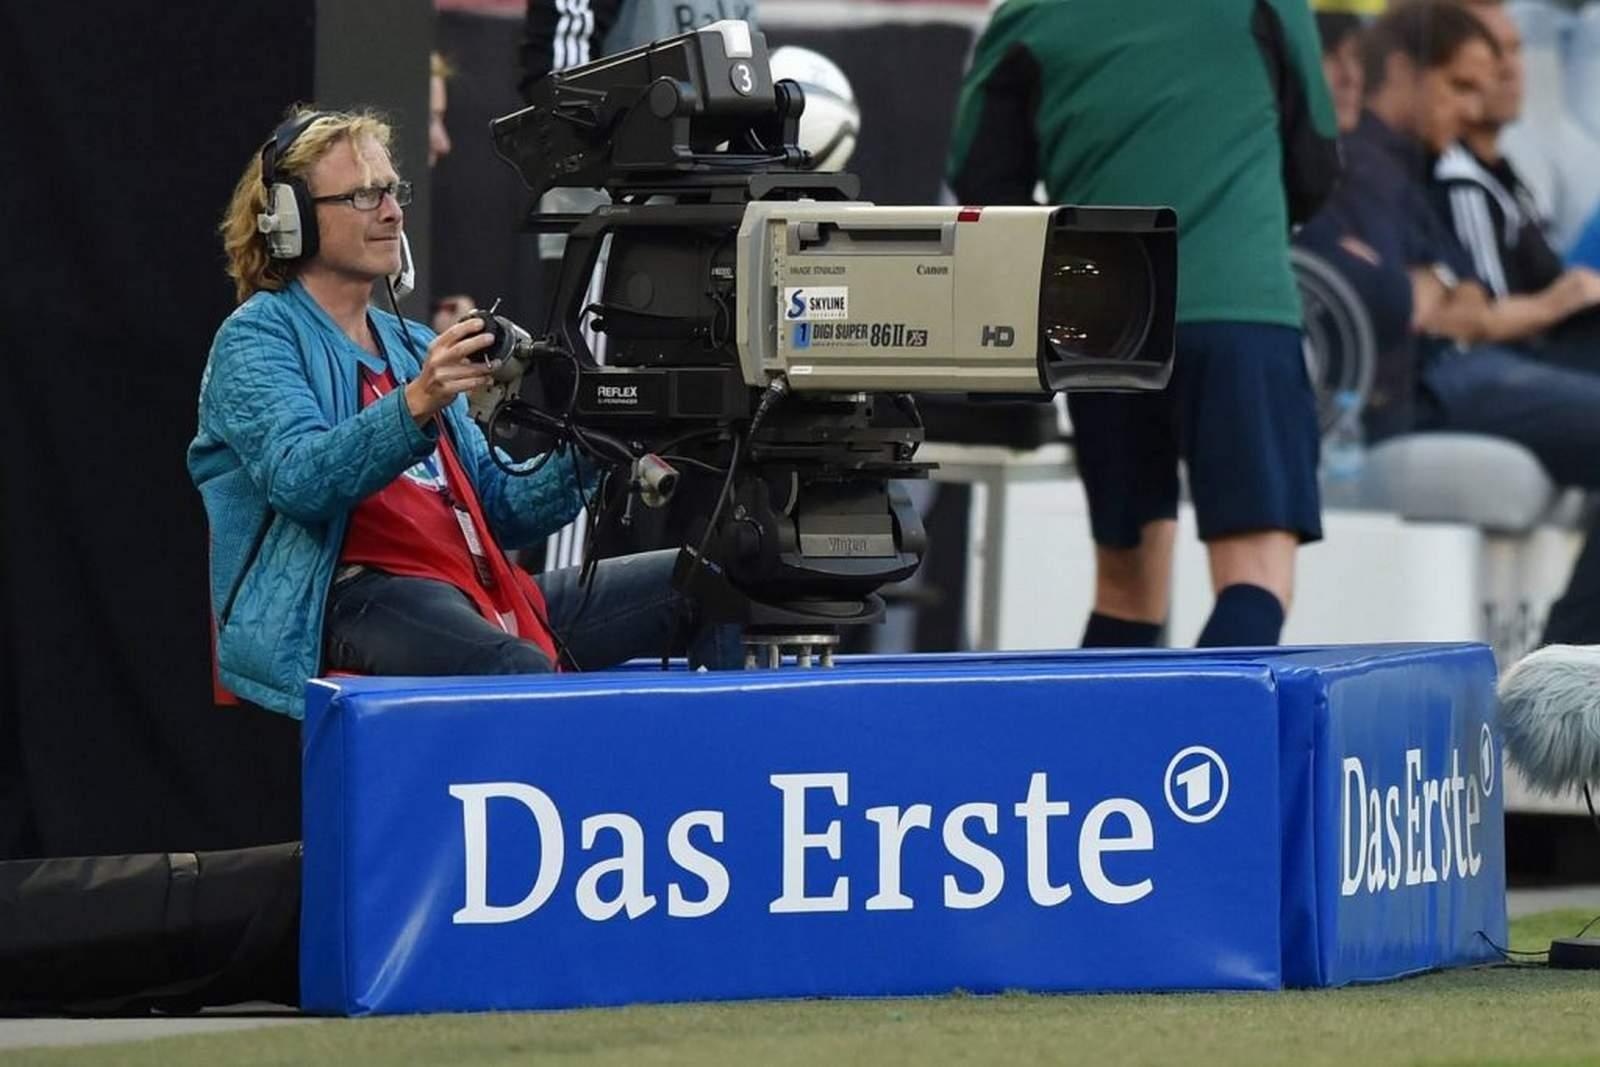 ARD-Kamera bei Übertragung des DFB-Pokal